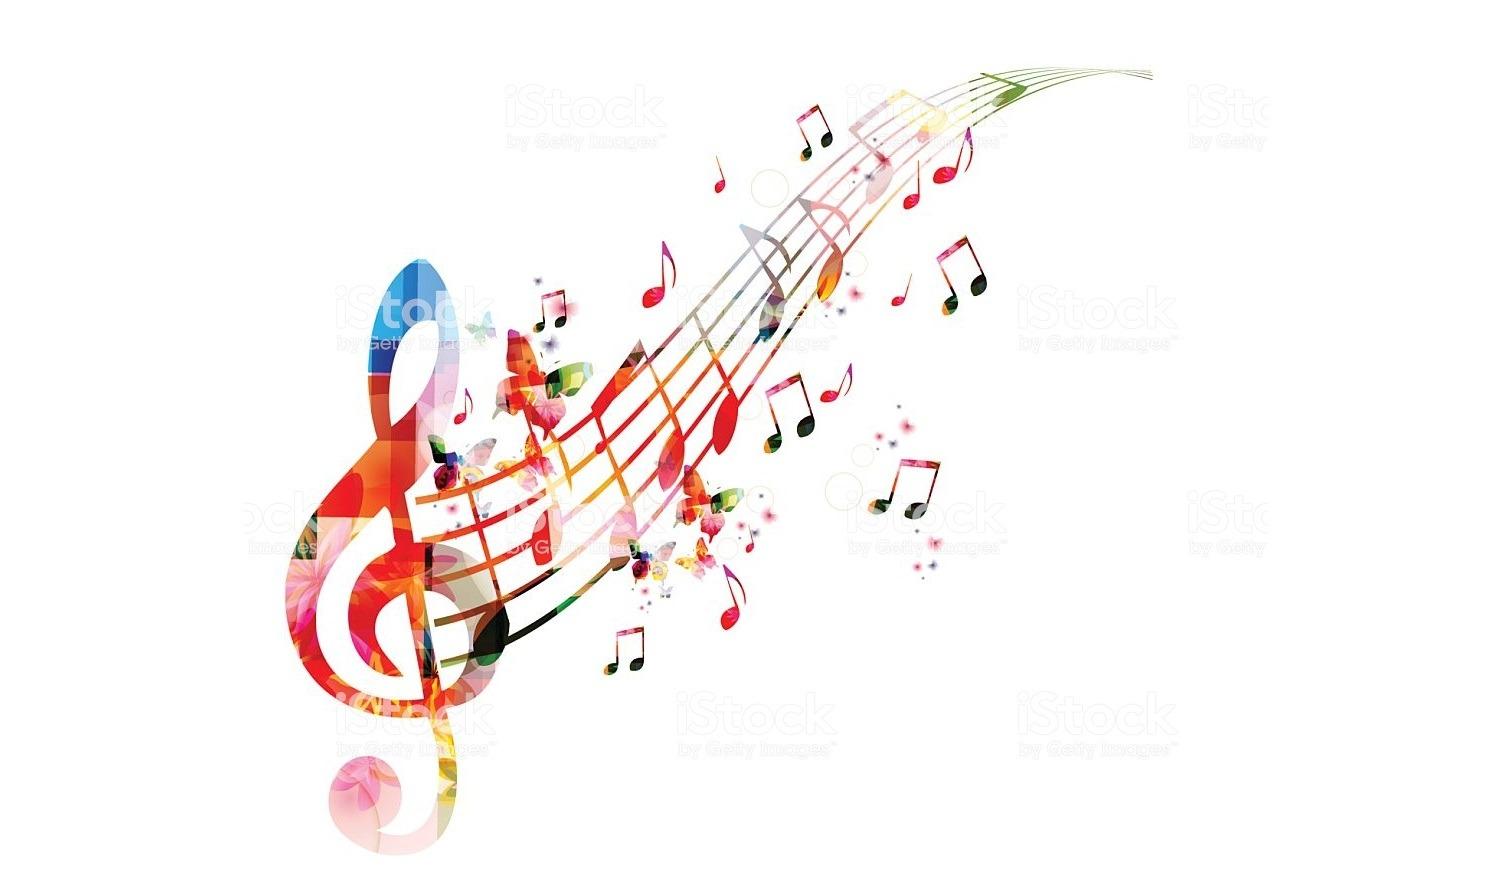 Calendario convocazioni futuri alunni di Scuola Secondaria di Primo Grado A.S. 2020/21 interessati alla prova selettiva per lo strumento musicale